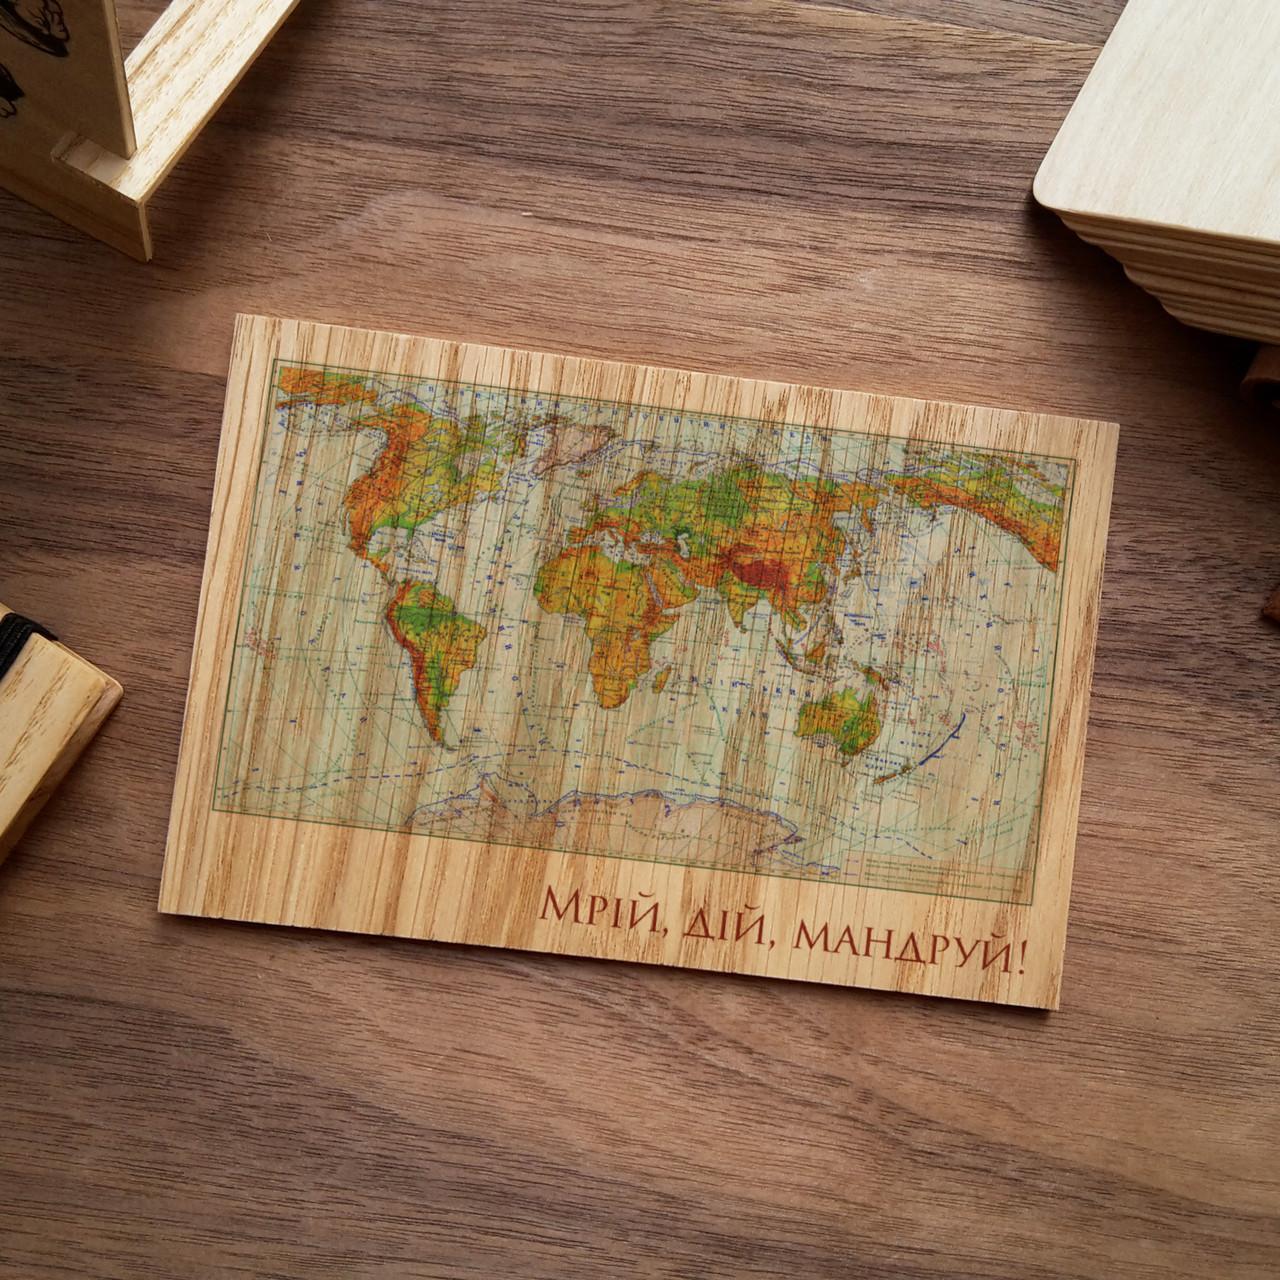 """Деревянная открытка """"Мечтай, действуй, путешествуй!"""", фото 1"""